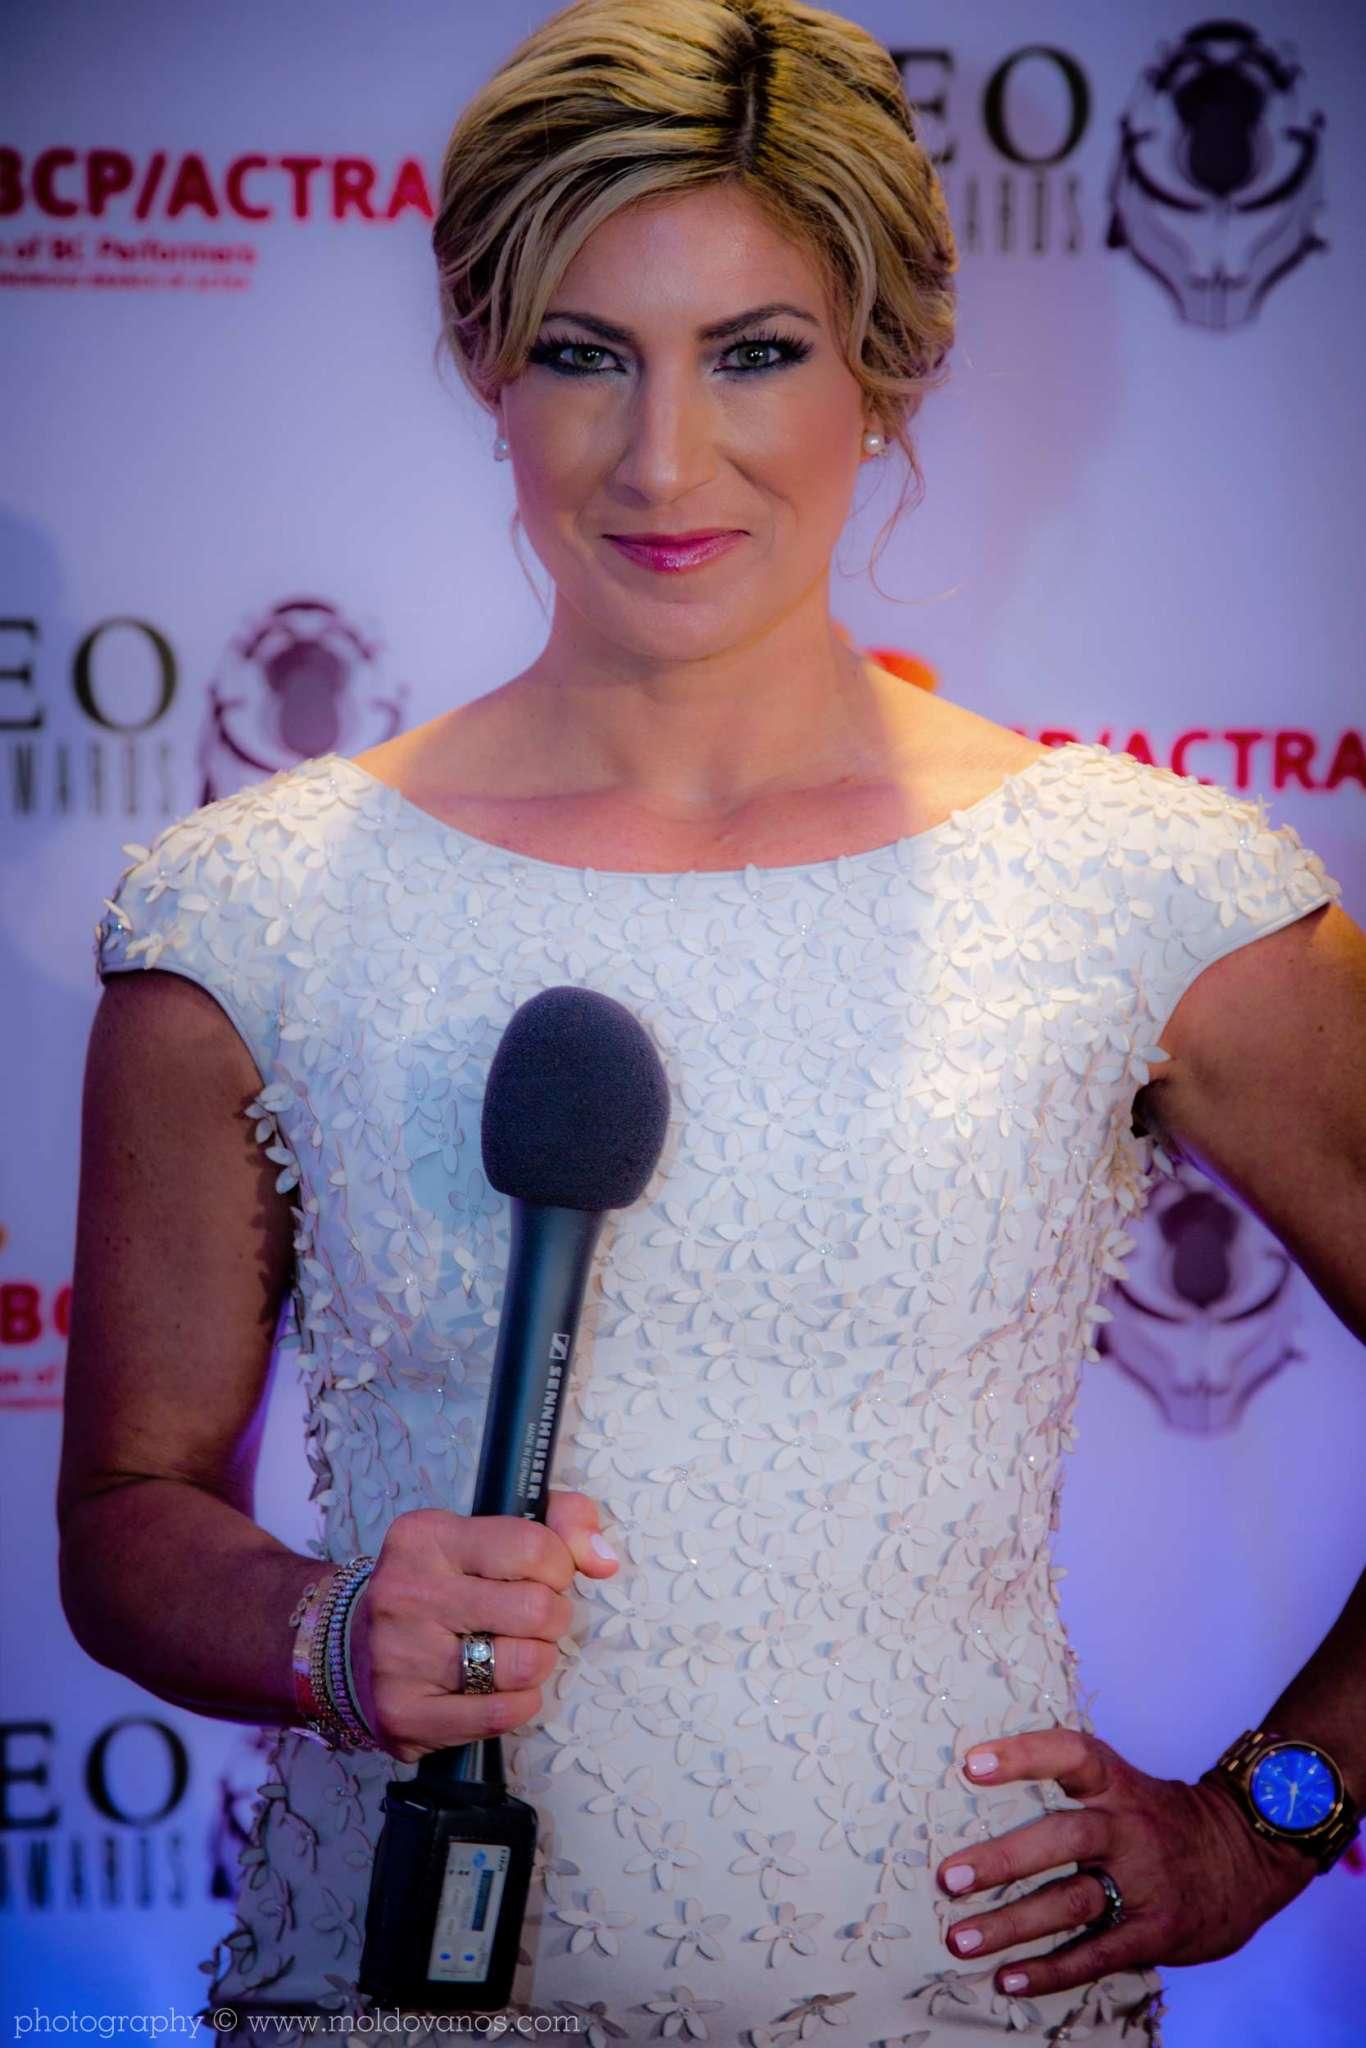 Stephanie Florian- Leo Awards - Event Photography by Paul Moldovanos © moldovanos.com